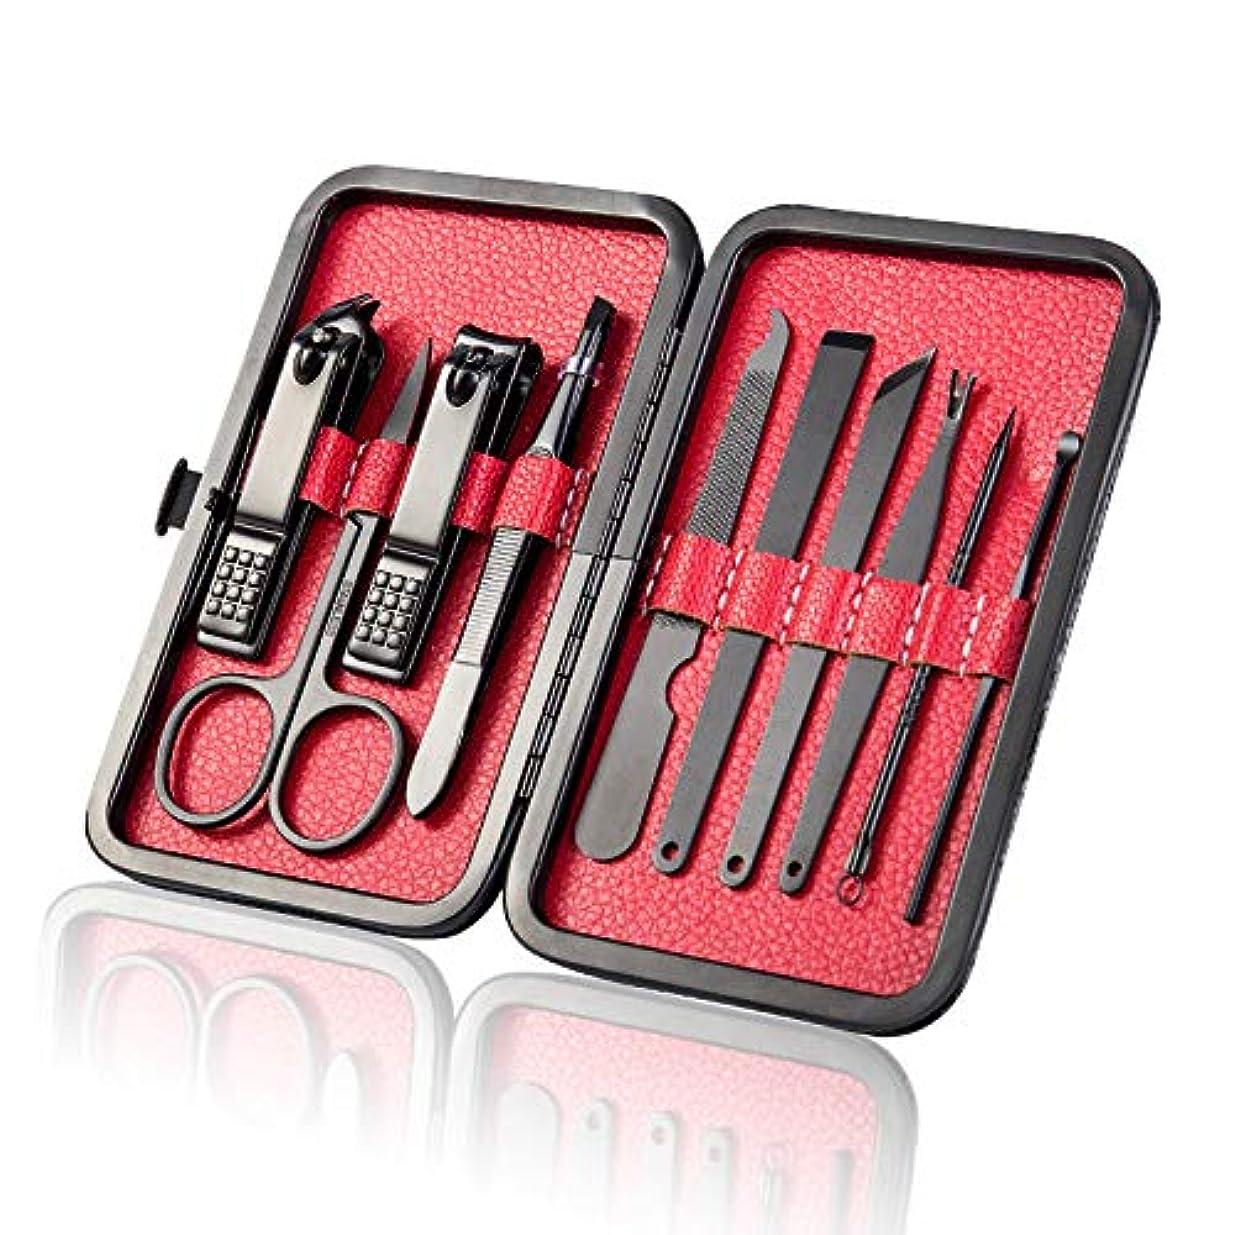 ライムパズルほこり15本のネイルツールセットの美容セットマニキュアナイフ用に設定されたステンレス鋼ネイルハサミはカスタマイズ可能